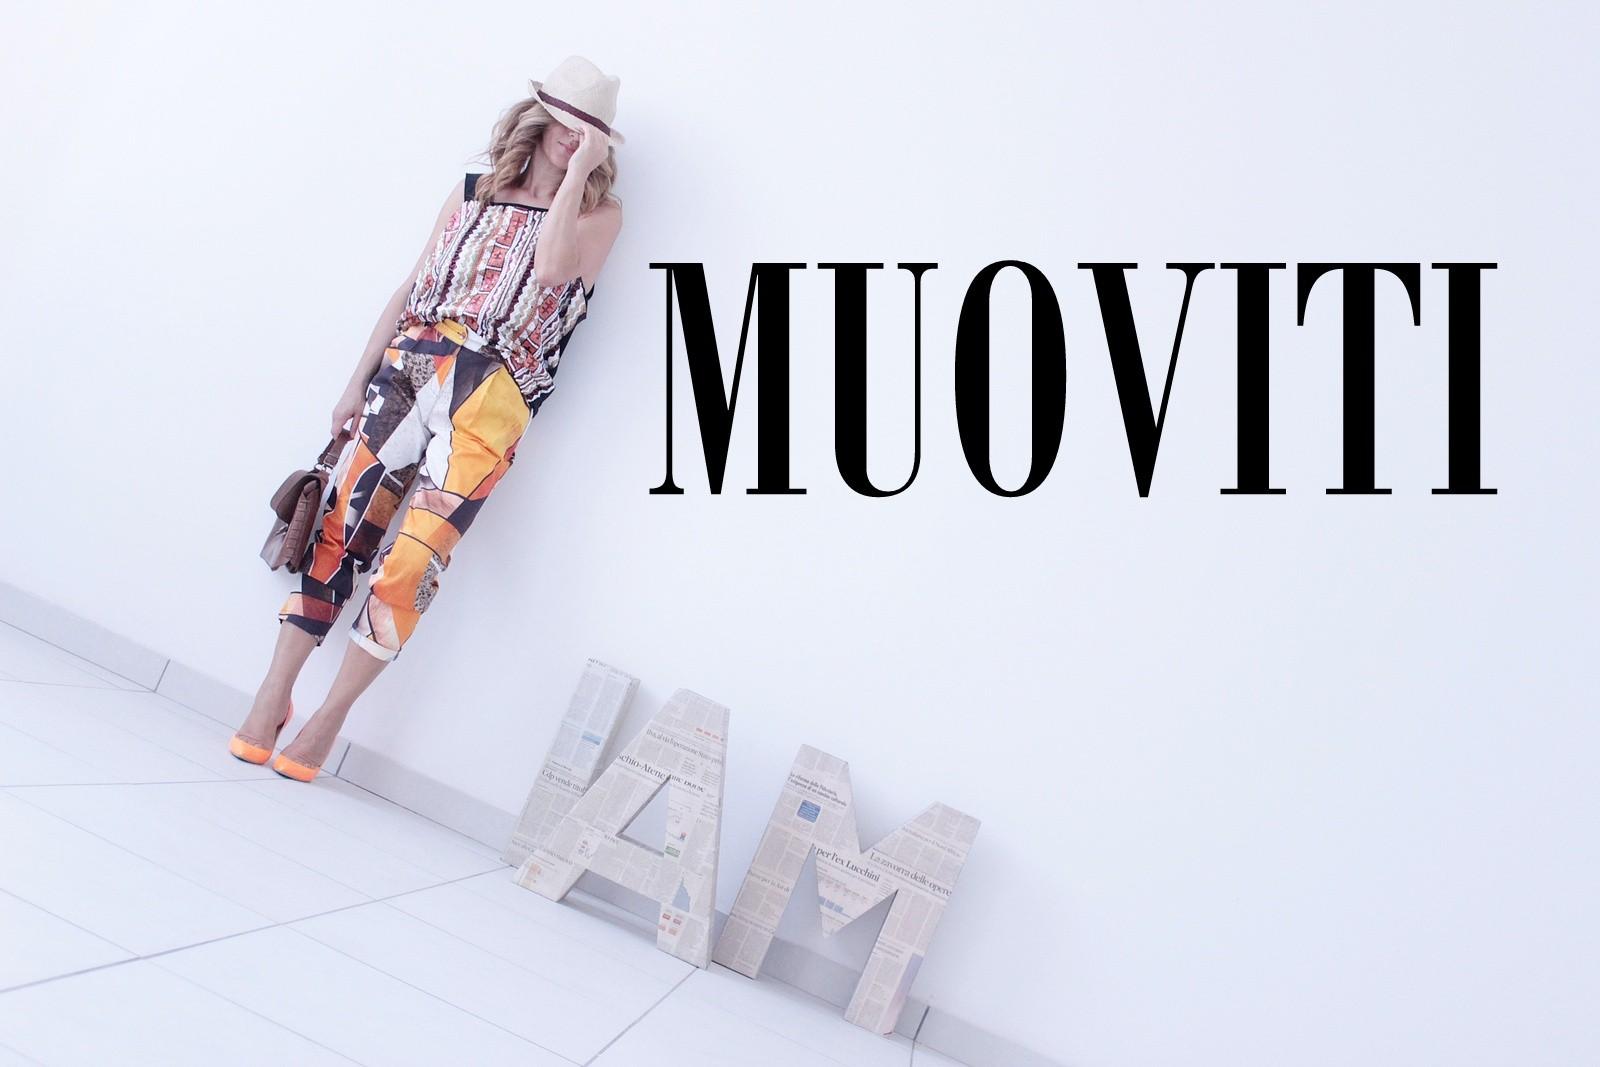 MUOVITI (2)